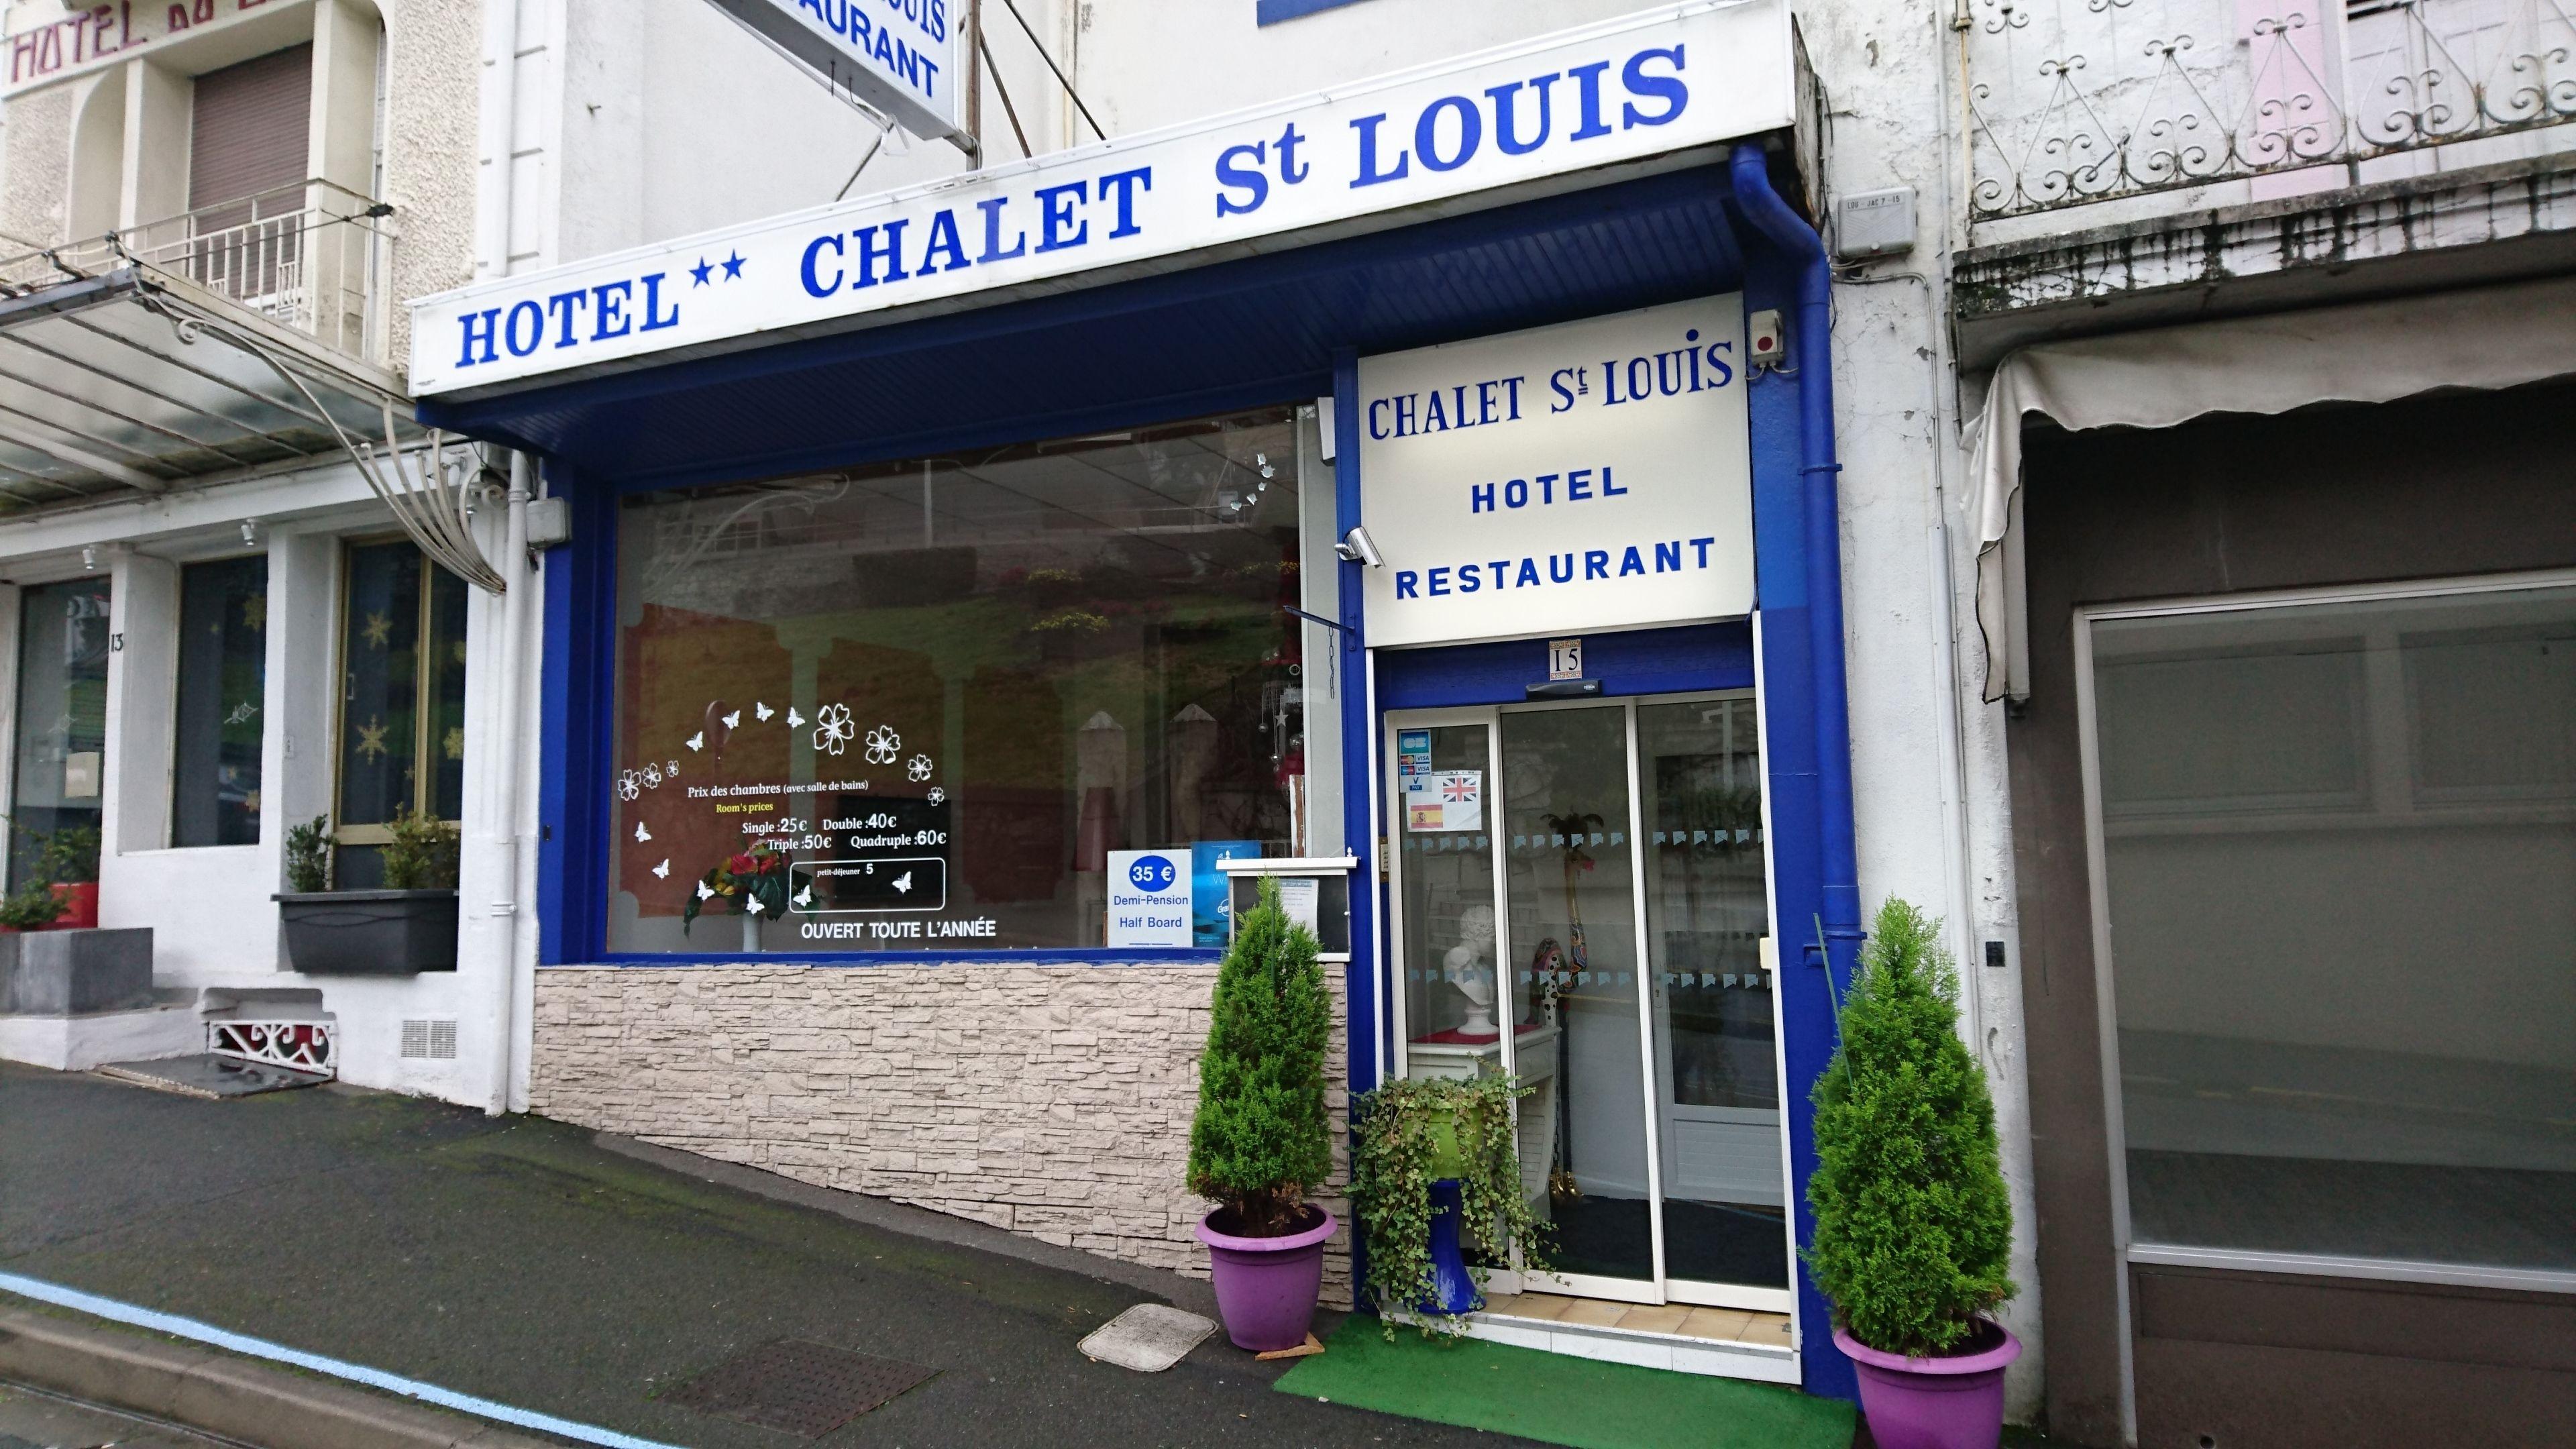 Le Chalet Saint Louis